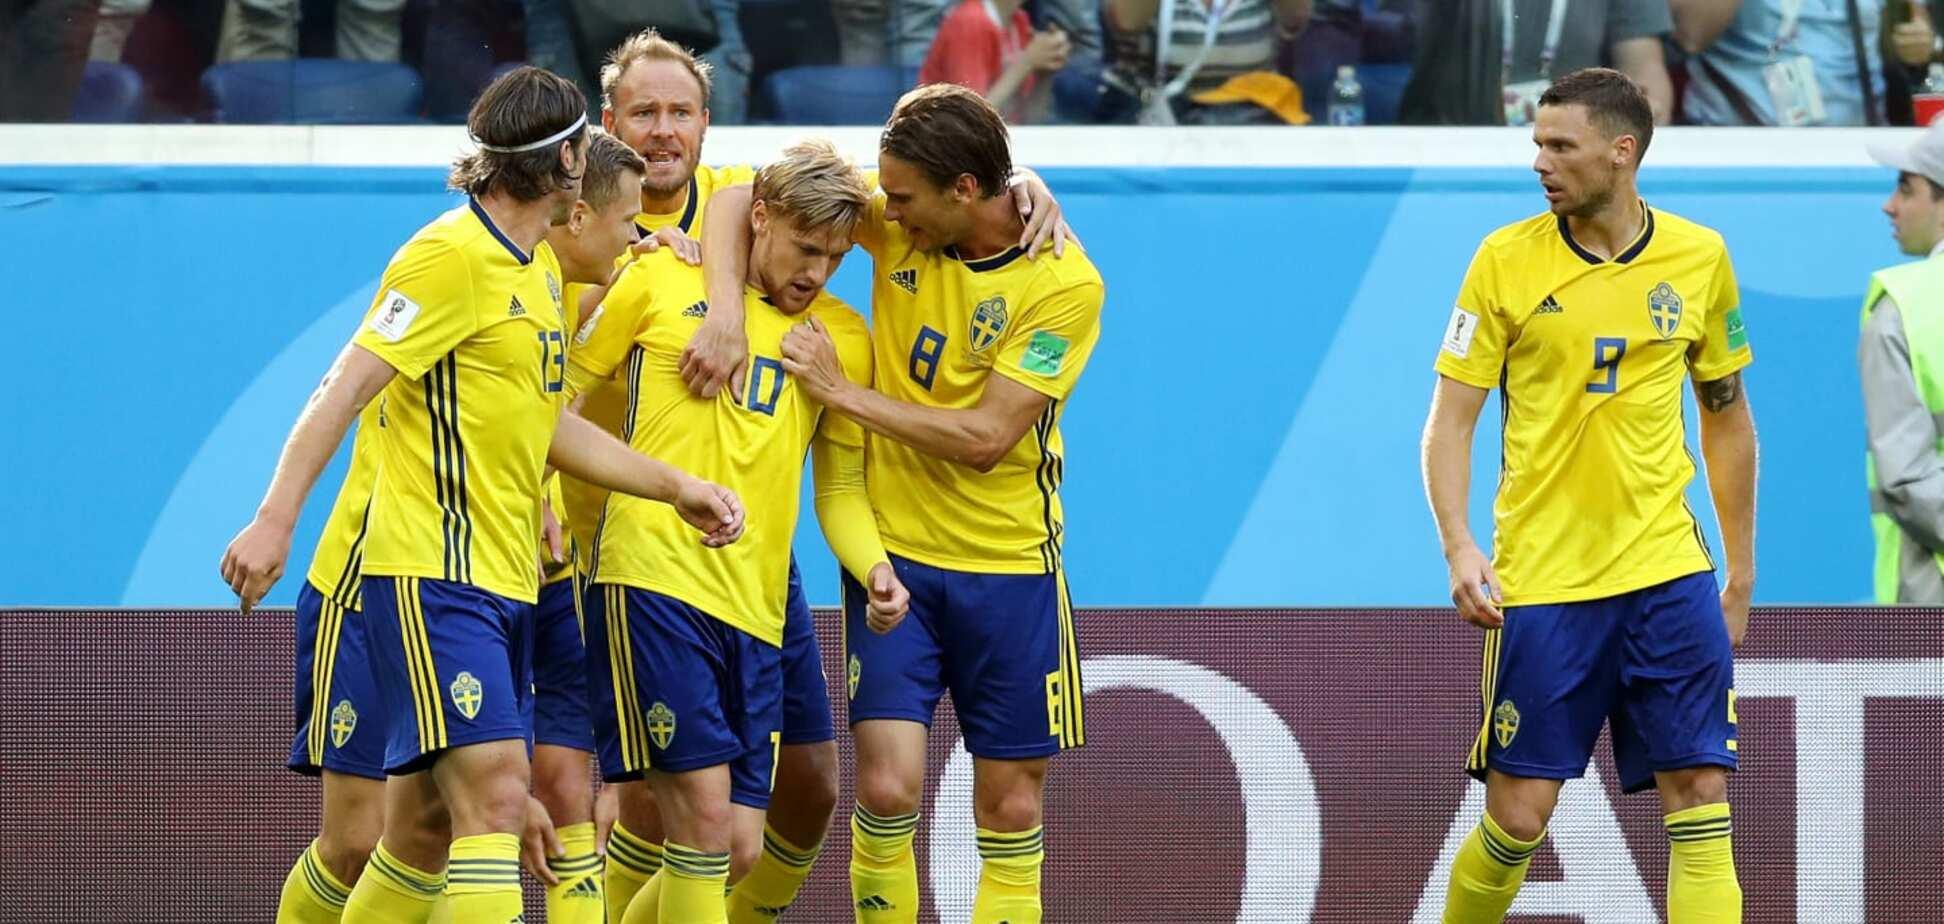 Гол Форсберга вирішив долю матчу Швеція - Швейцарія: онлайн-трансляція 1/8 фіналу ЧС-2018